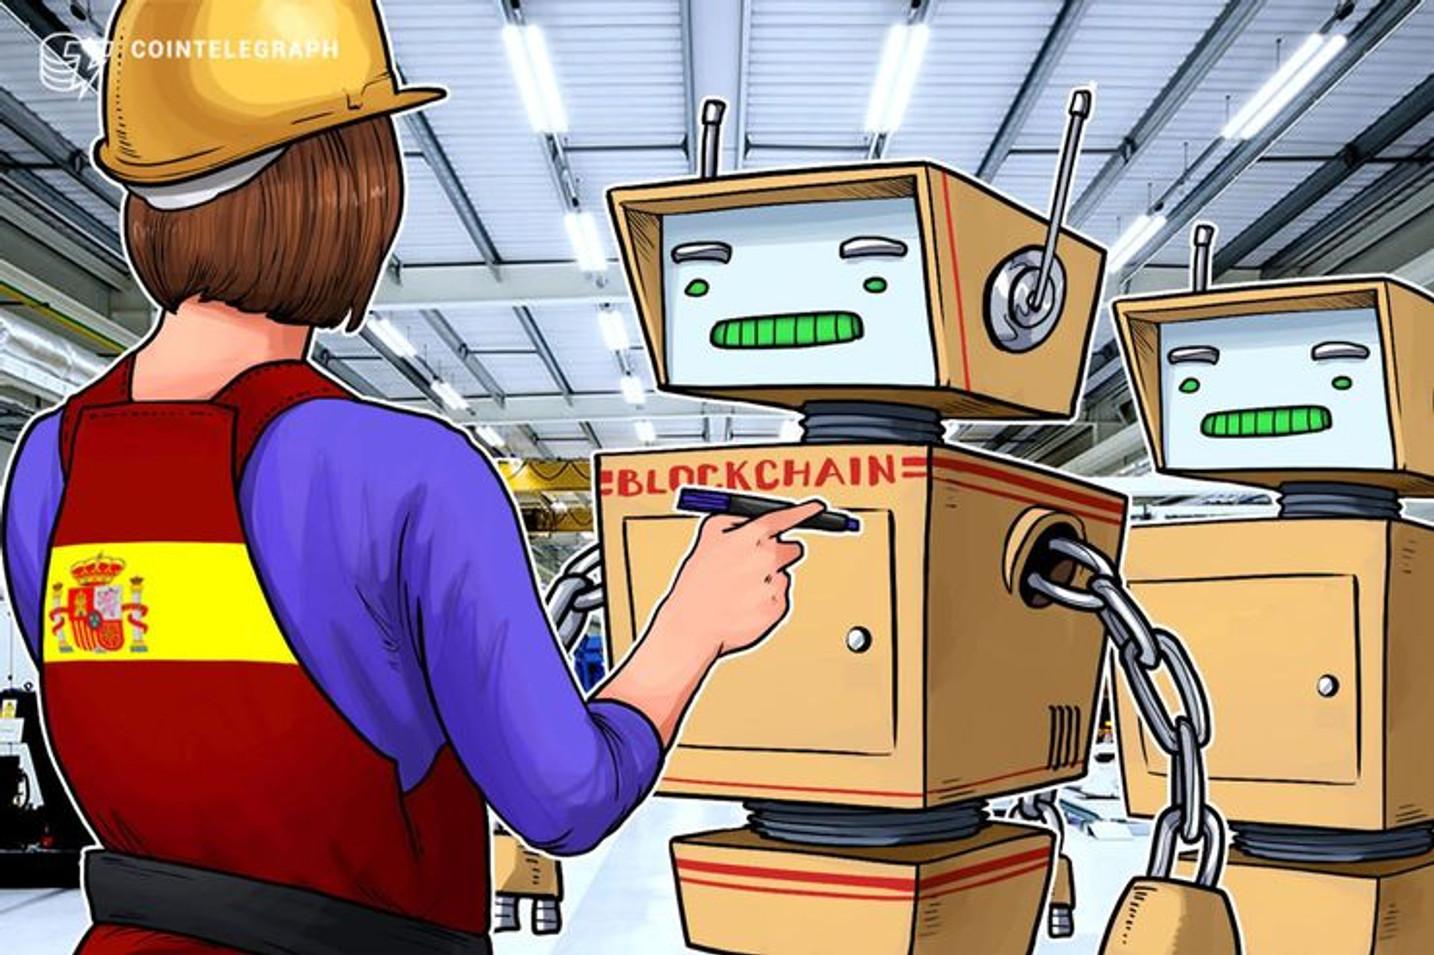 Madrid: El Blockchain Demo Day se realizará el 10 de abril